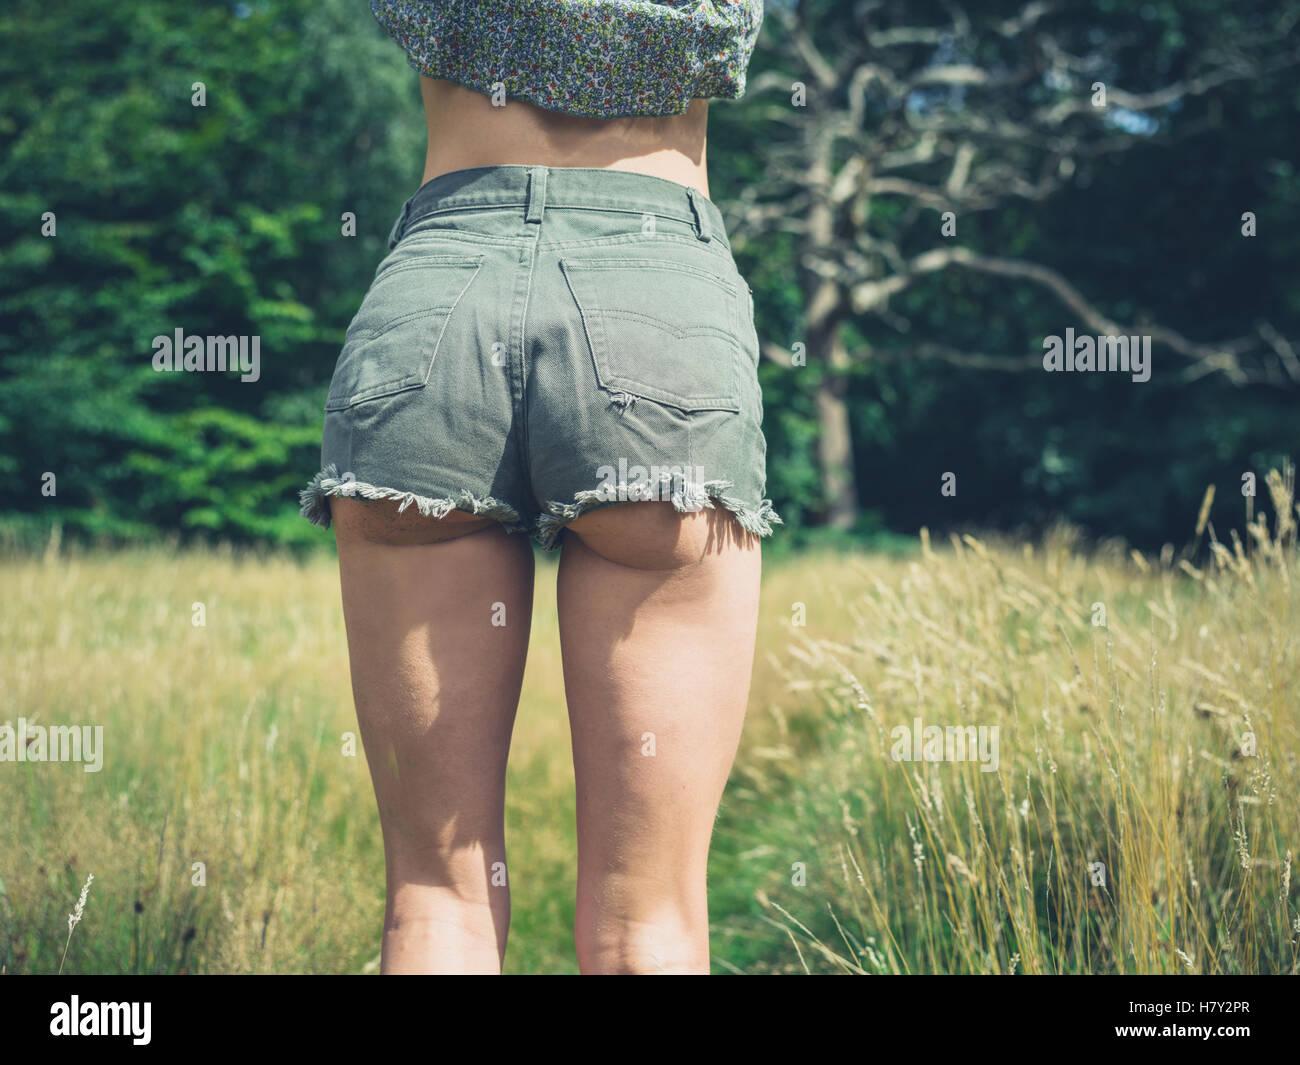 Vista Trasera De Una Joven Mujer Vistiendo Pantalones Muy Cortos Y De Pie En Un Prado En Un Dia De Verano Fotografia De Stock Alamy